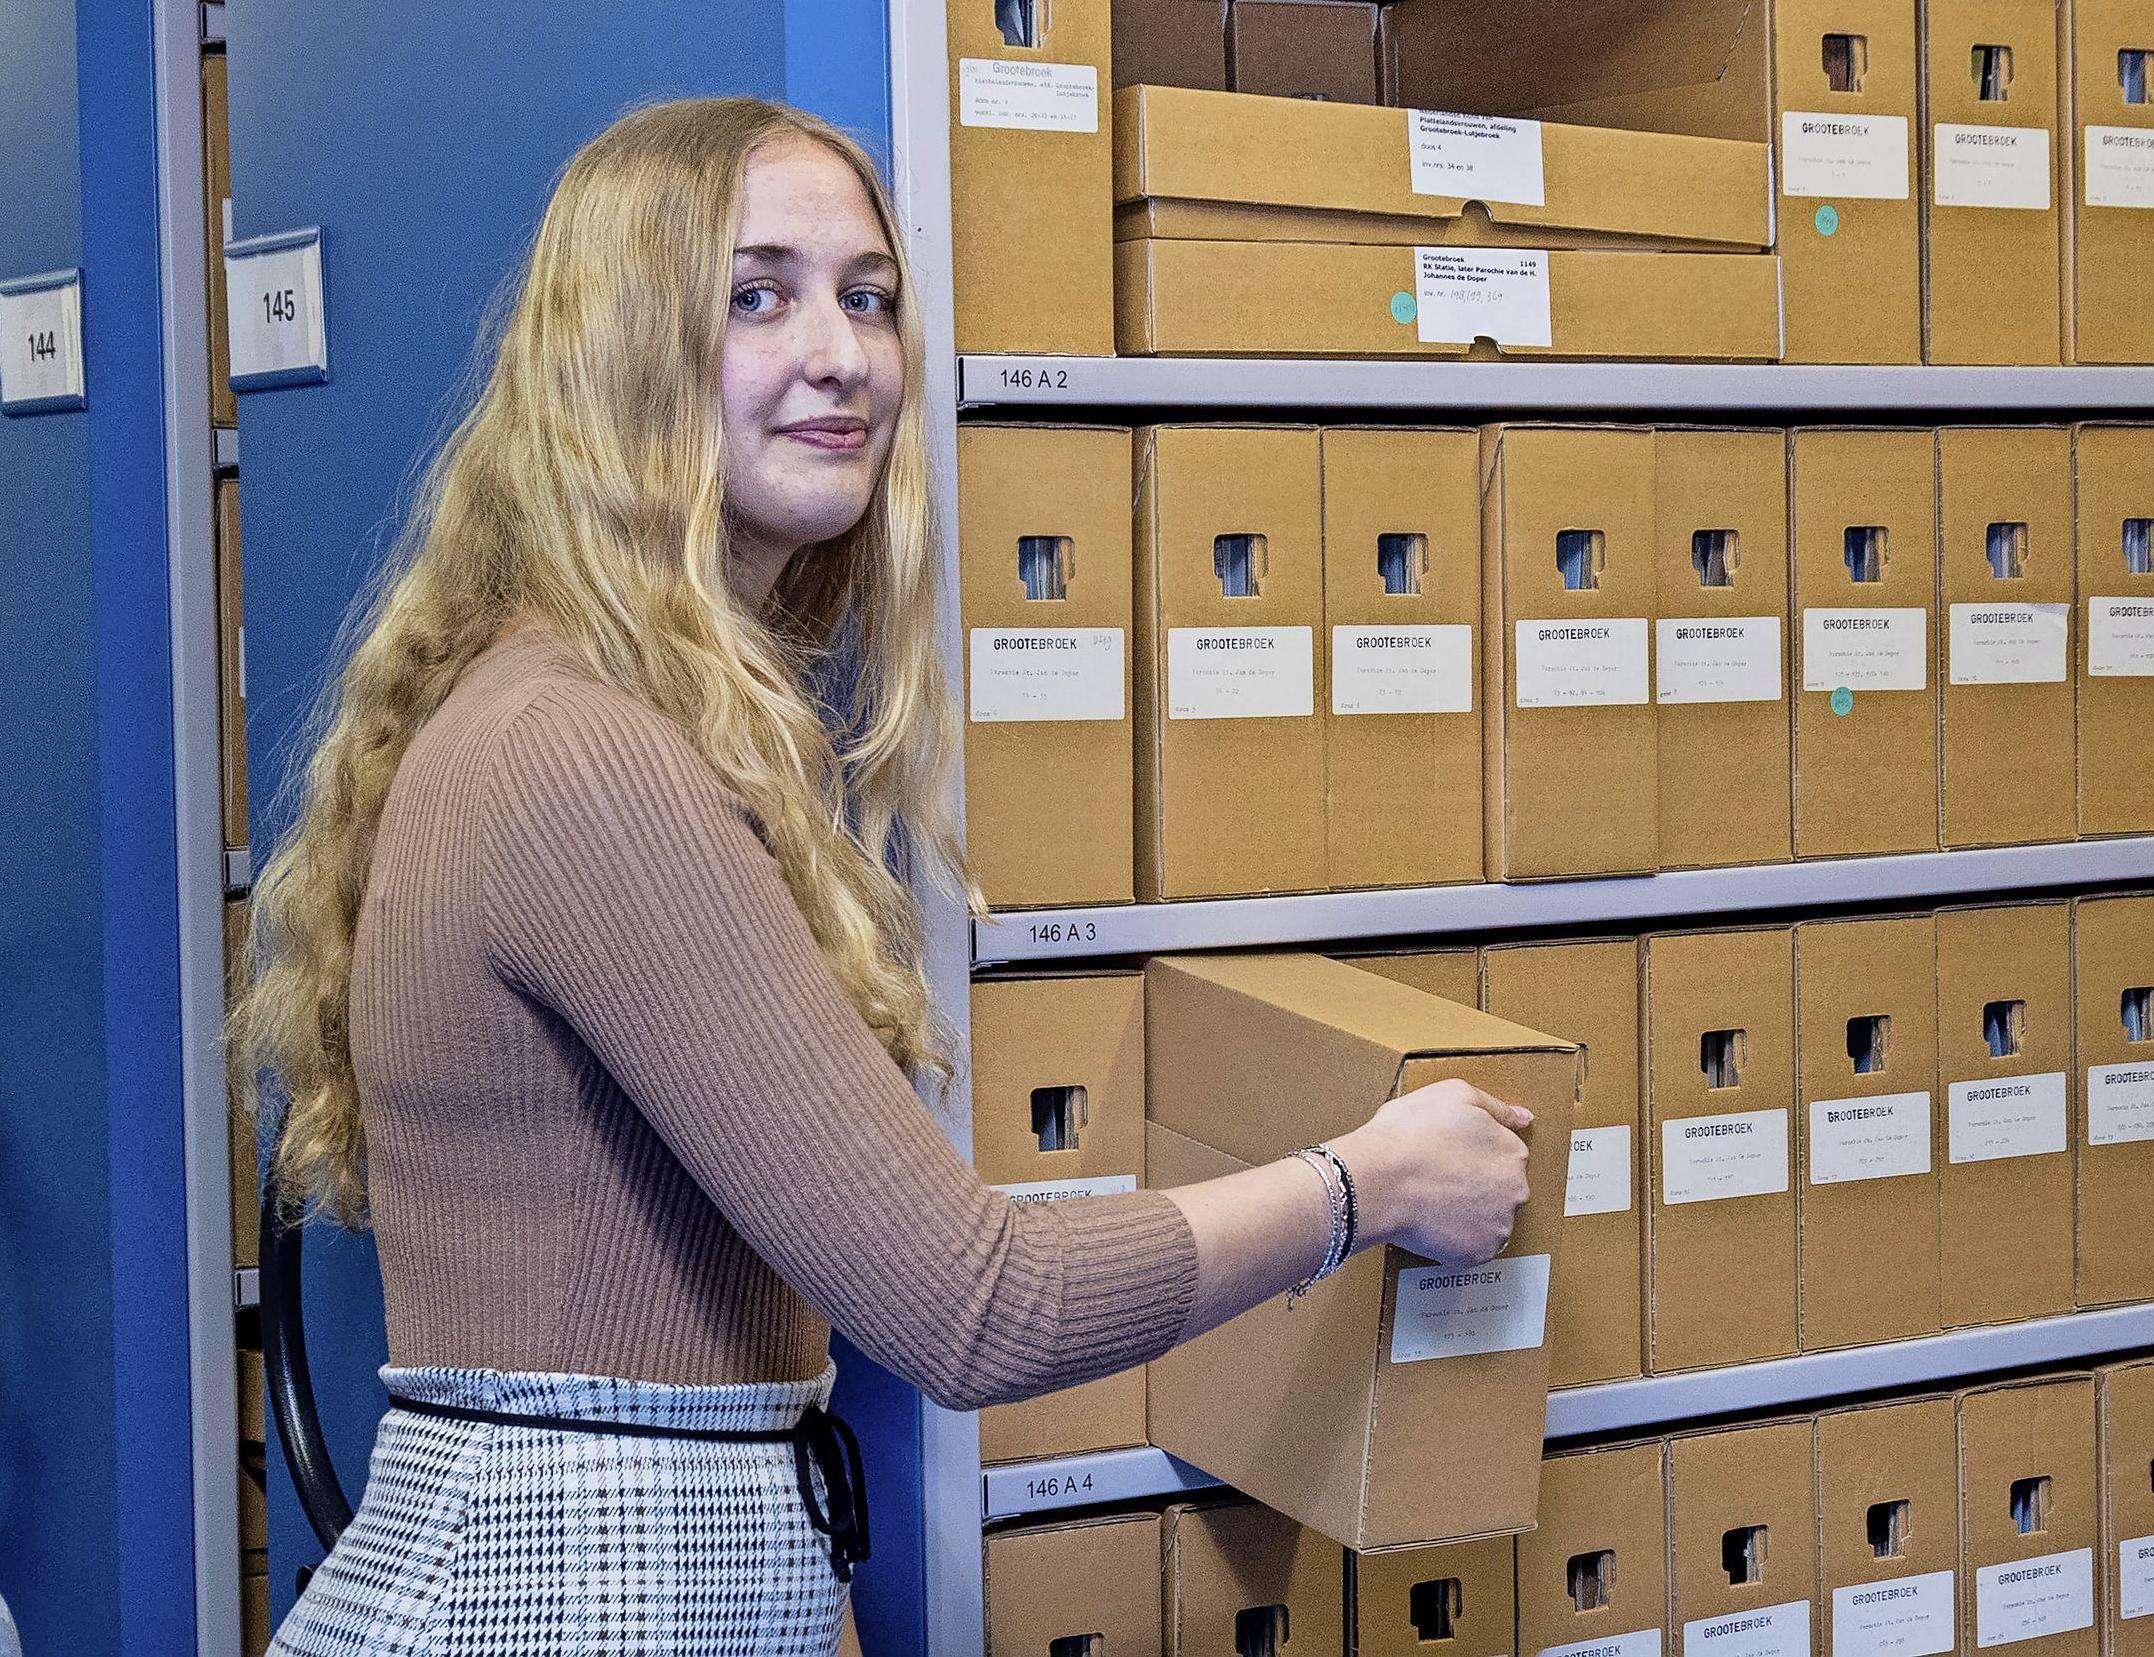 Geschiedenisstudent Laura (22) selecteert voor Westfries Archief eerste bronnen over vrouwenrecht in de 20e eeuw. 'Veel verhalen van mijn opa's en oma's meegekregen'